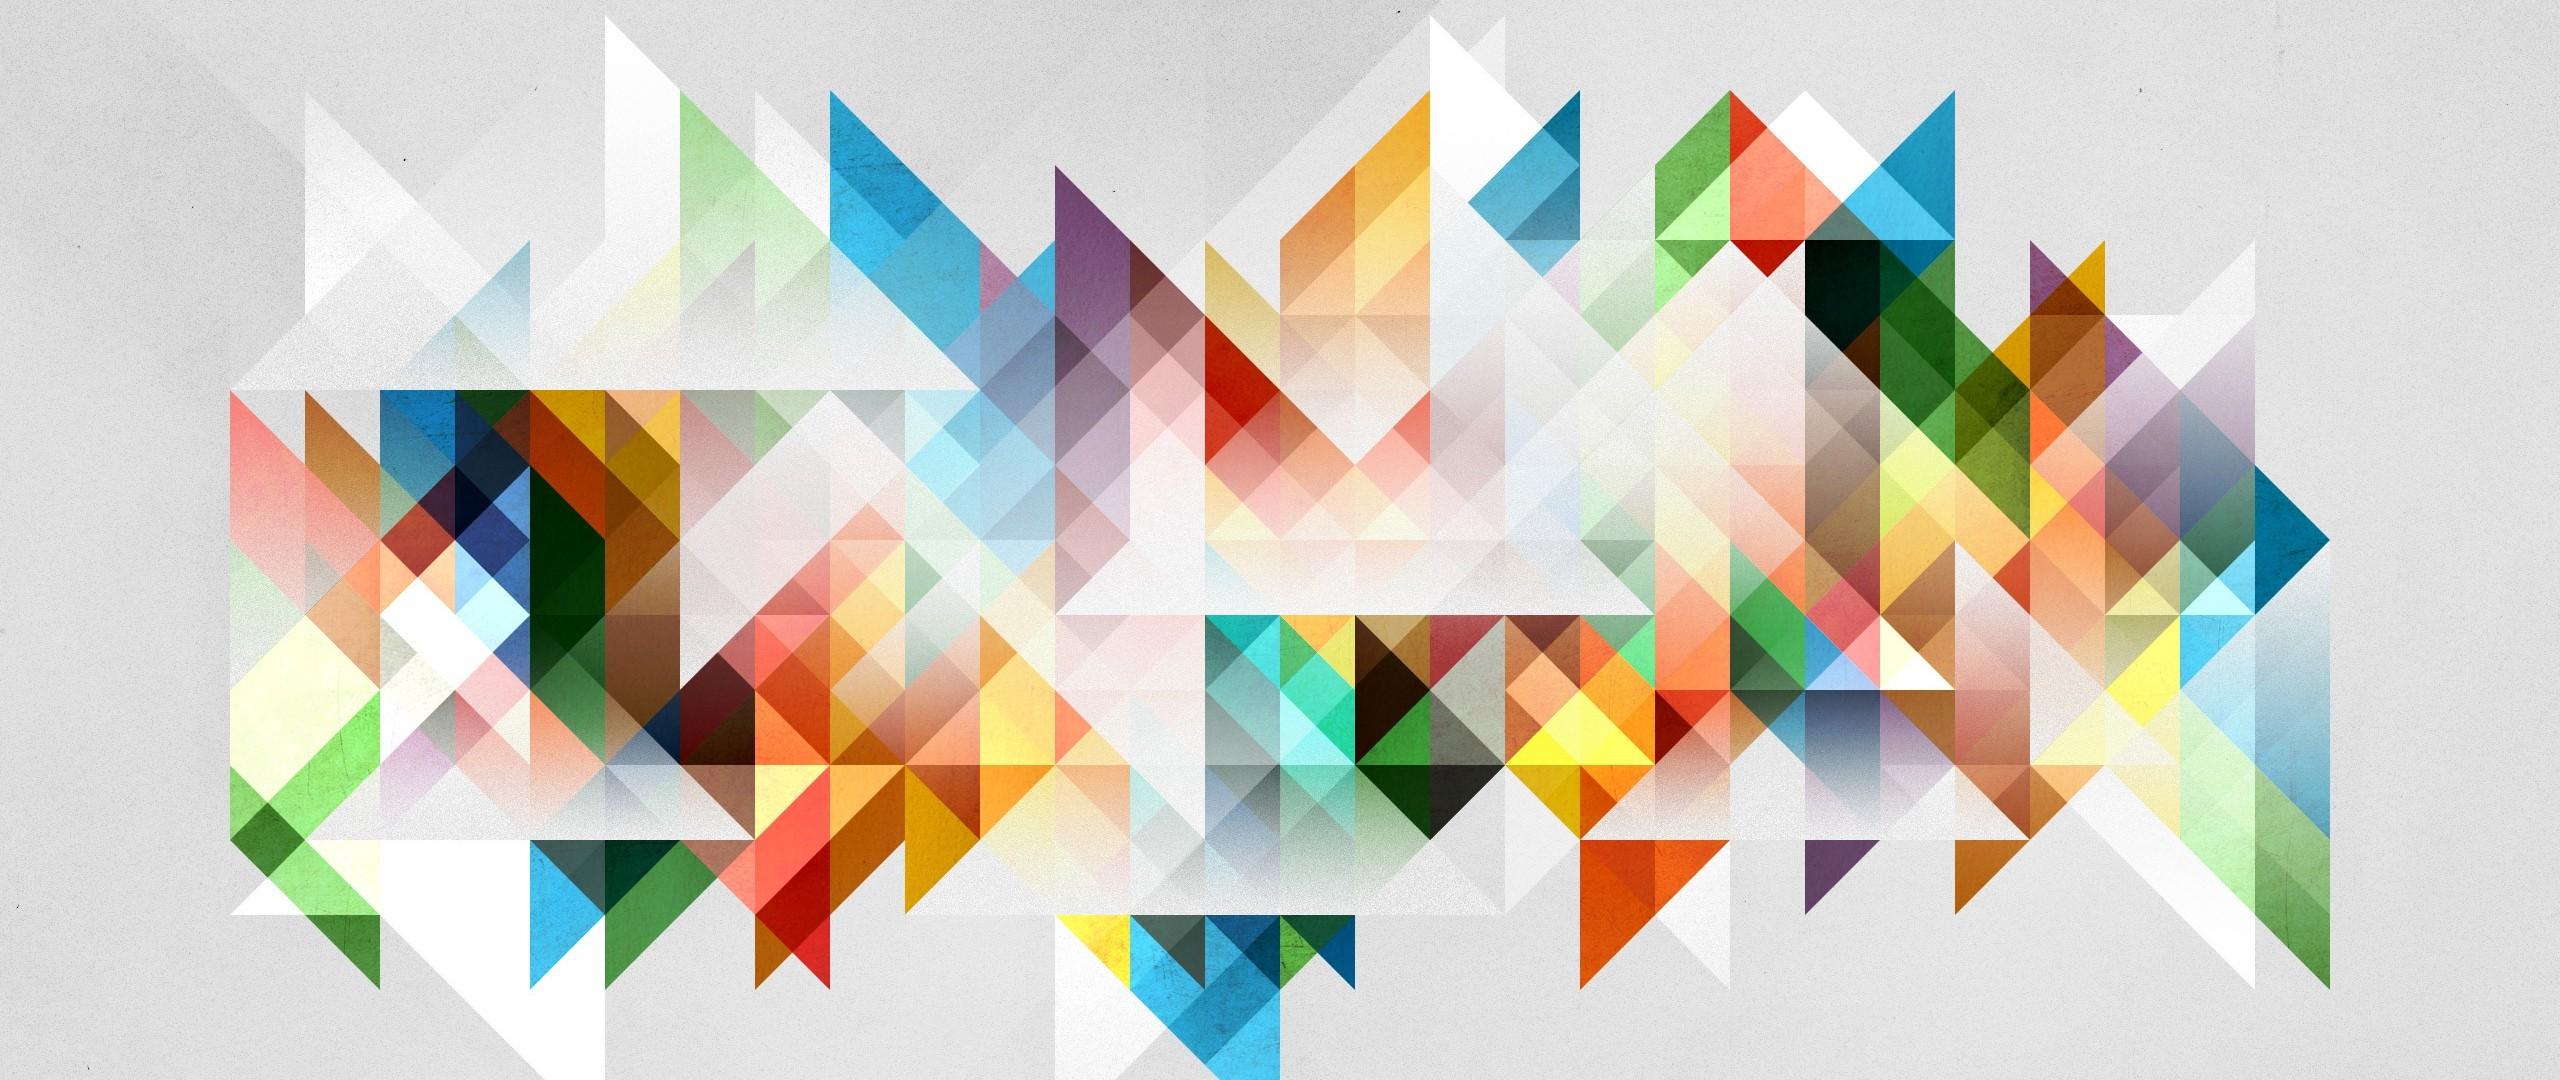 76 Gambar Desain Abstrak Adalah Paling Keren Yang Bisa Anda Tiru